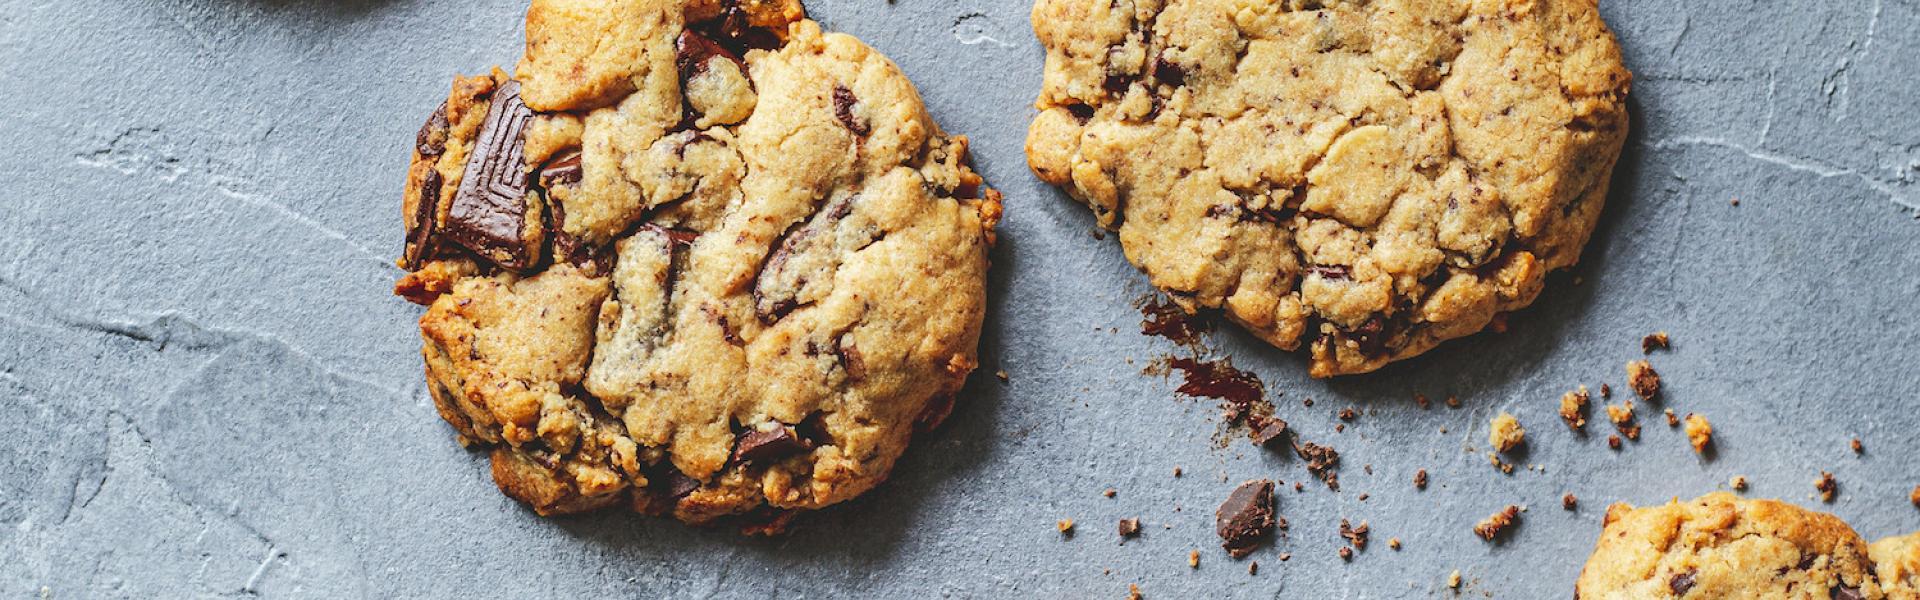 Mehrere Erdnussbutter Cookies mit Schokolade auf einem dunklen Untergrund.